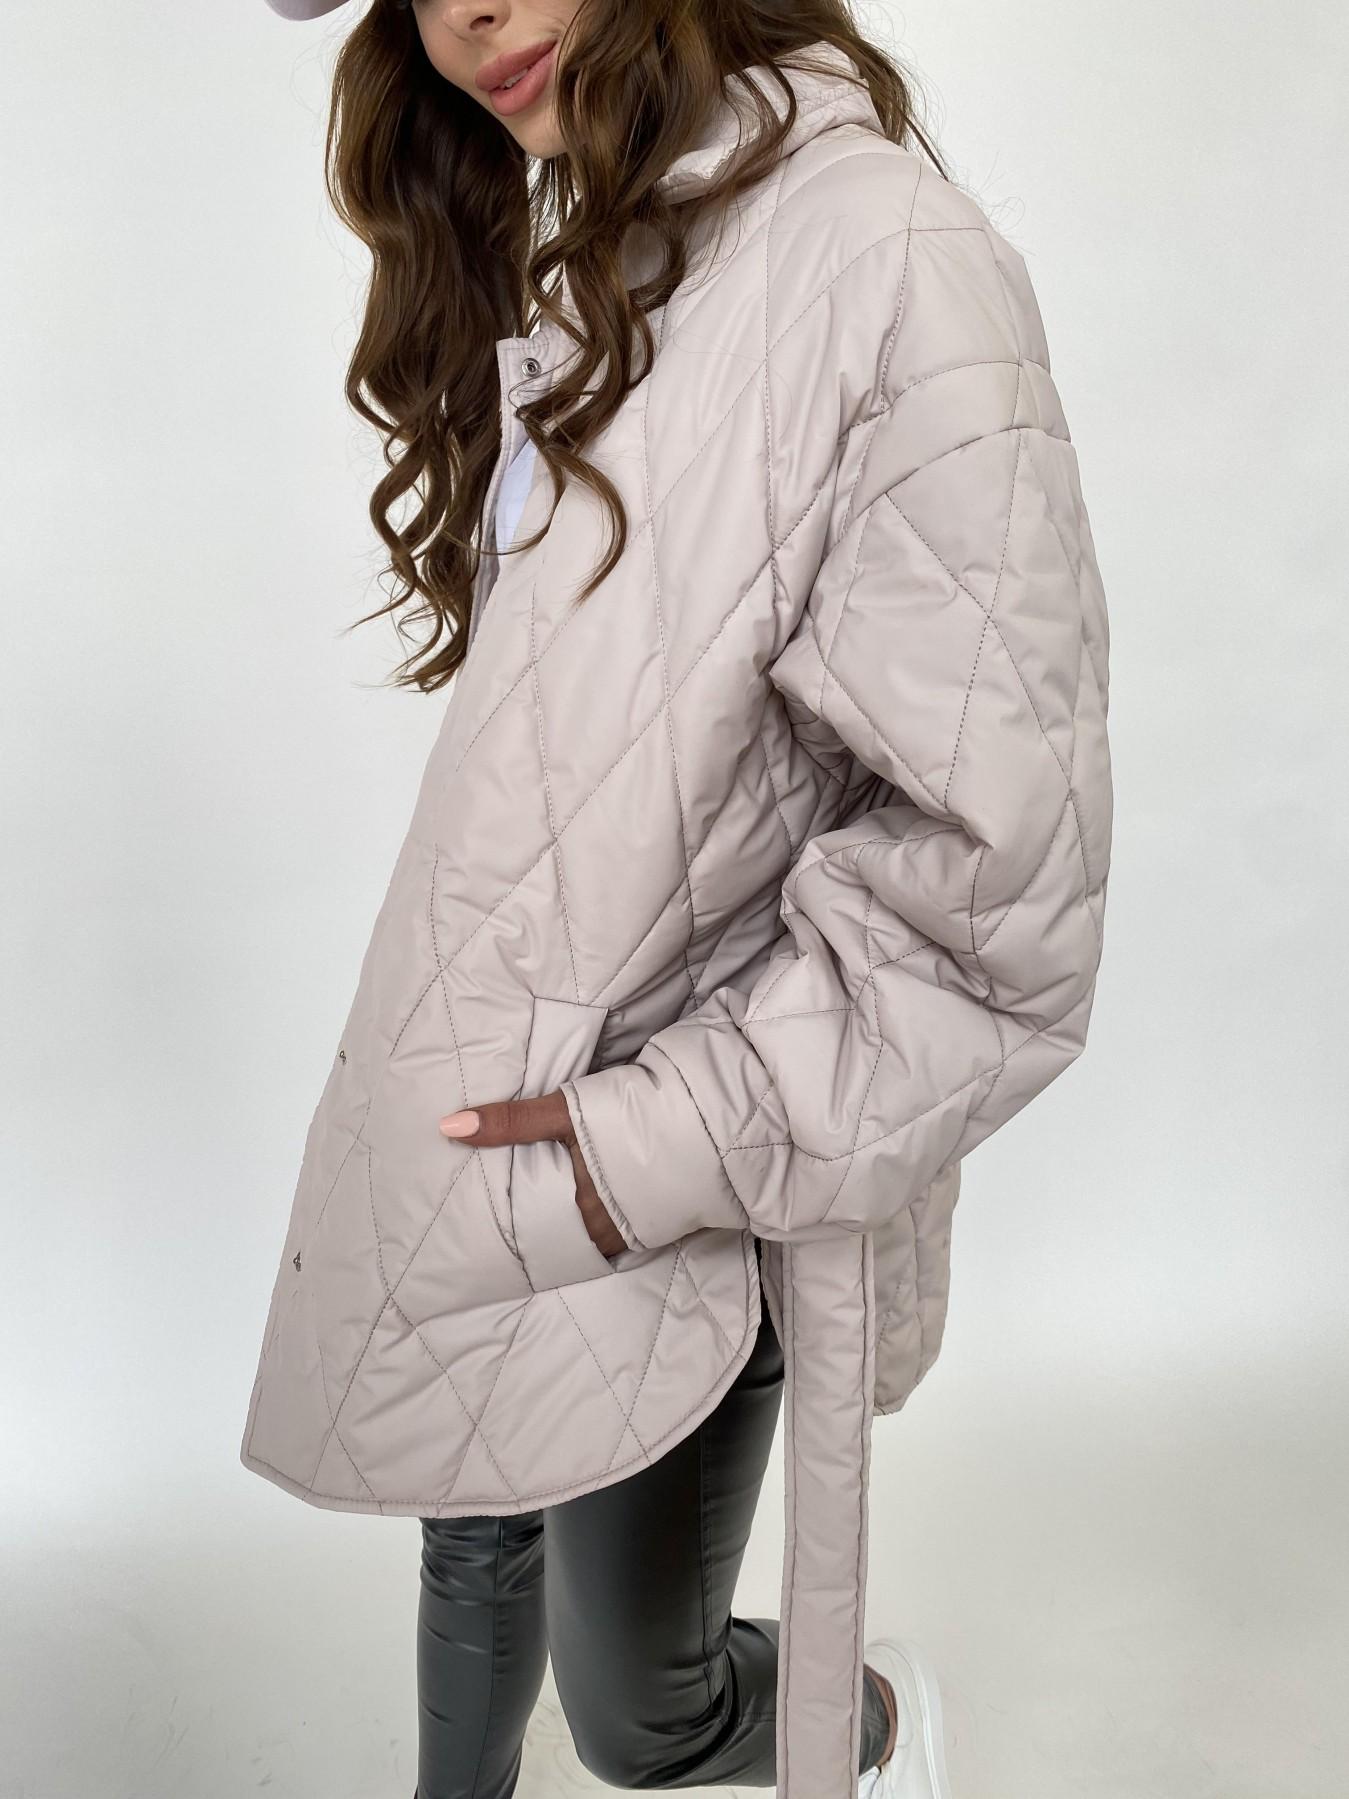 Моно куртка из плащевой ткани Ammy 10972 АРТ. 47515 Цвет: Бежевый 970 - фото 4, интернет магазин tm-modus.ru